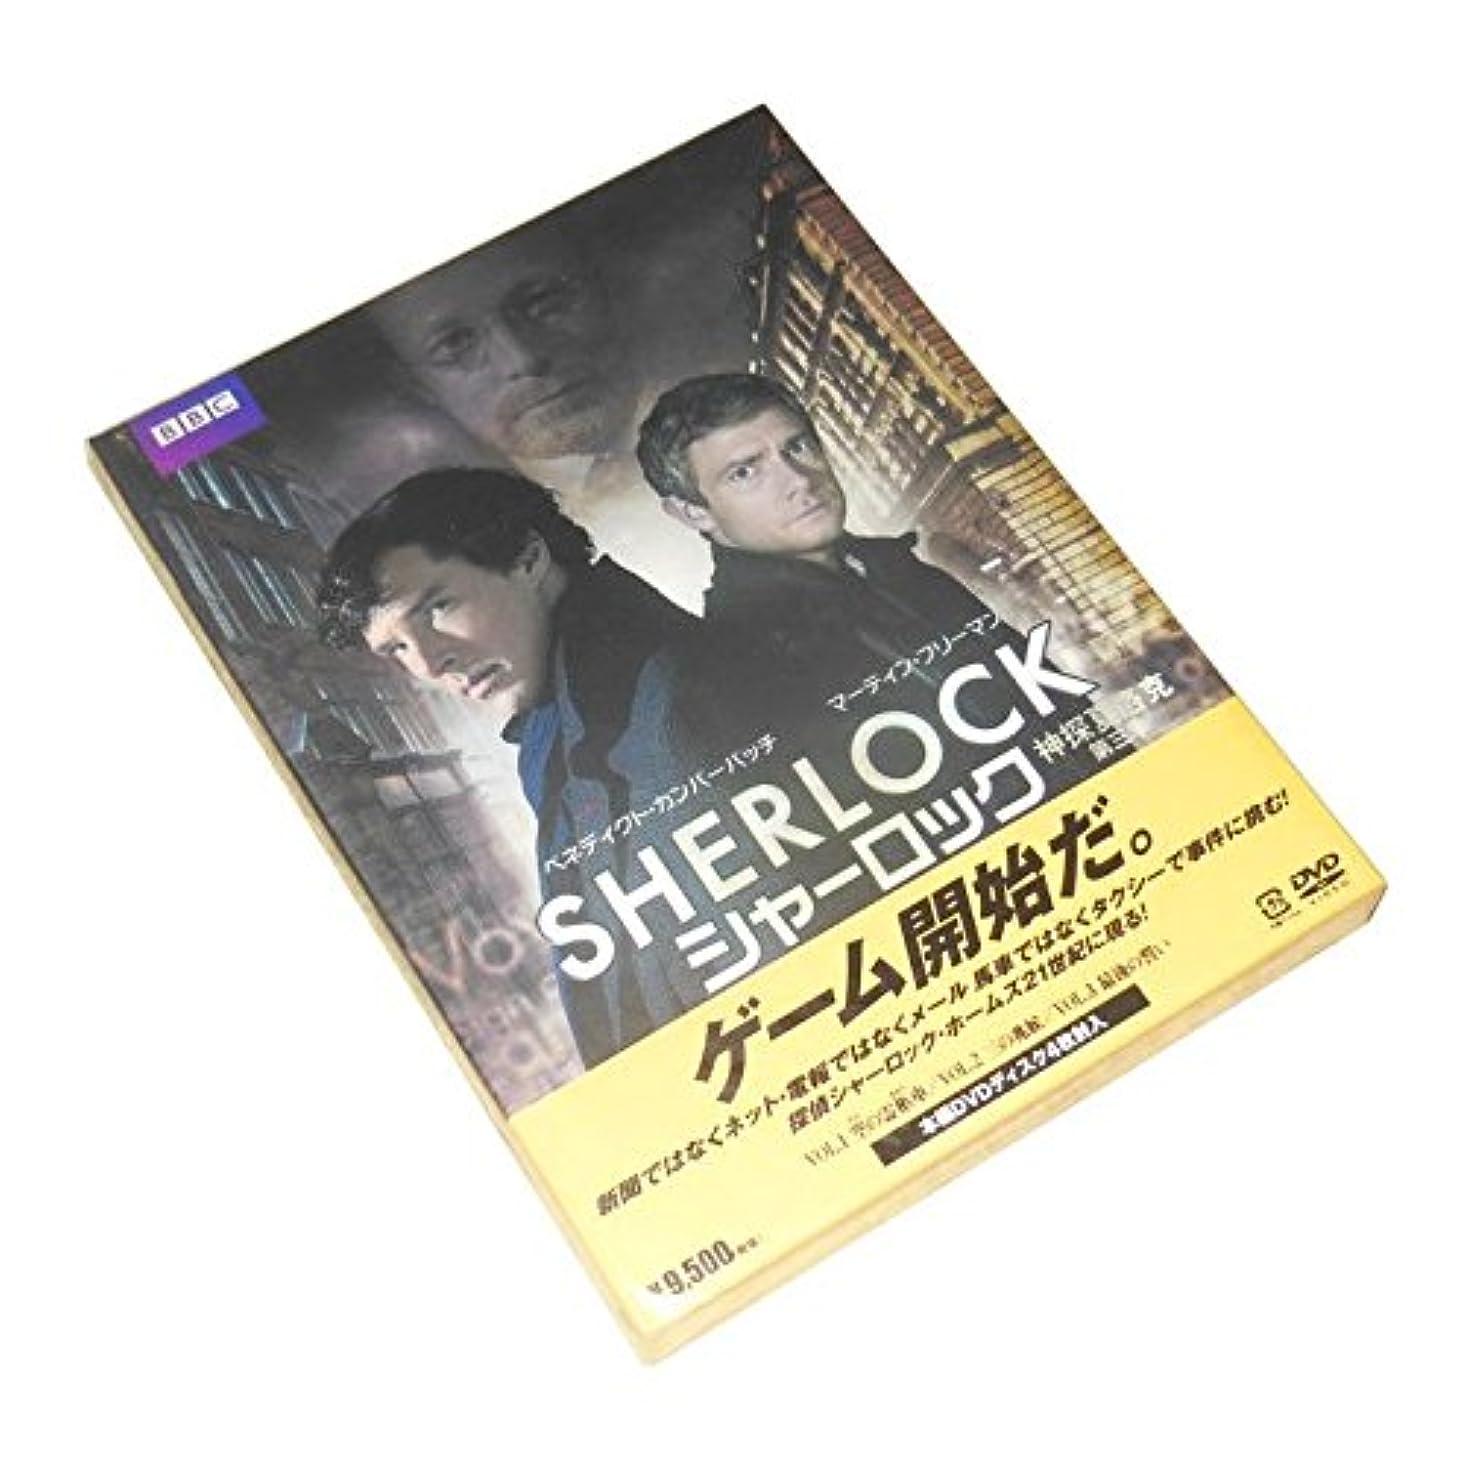 フライト添付低下『SHERLOCK/シャーロック』 プチ?ボックス シーズン3 2016 主演: ベネディクト?カンバーバッチ